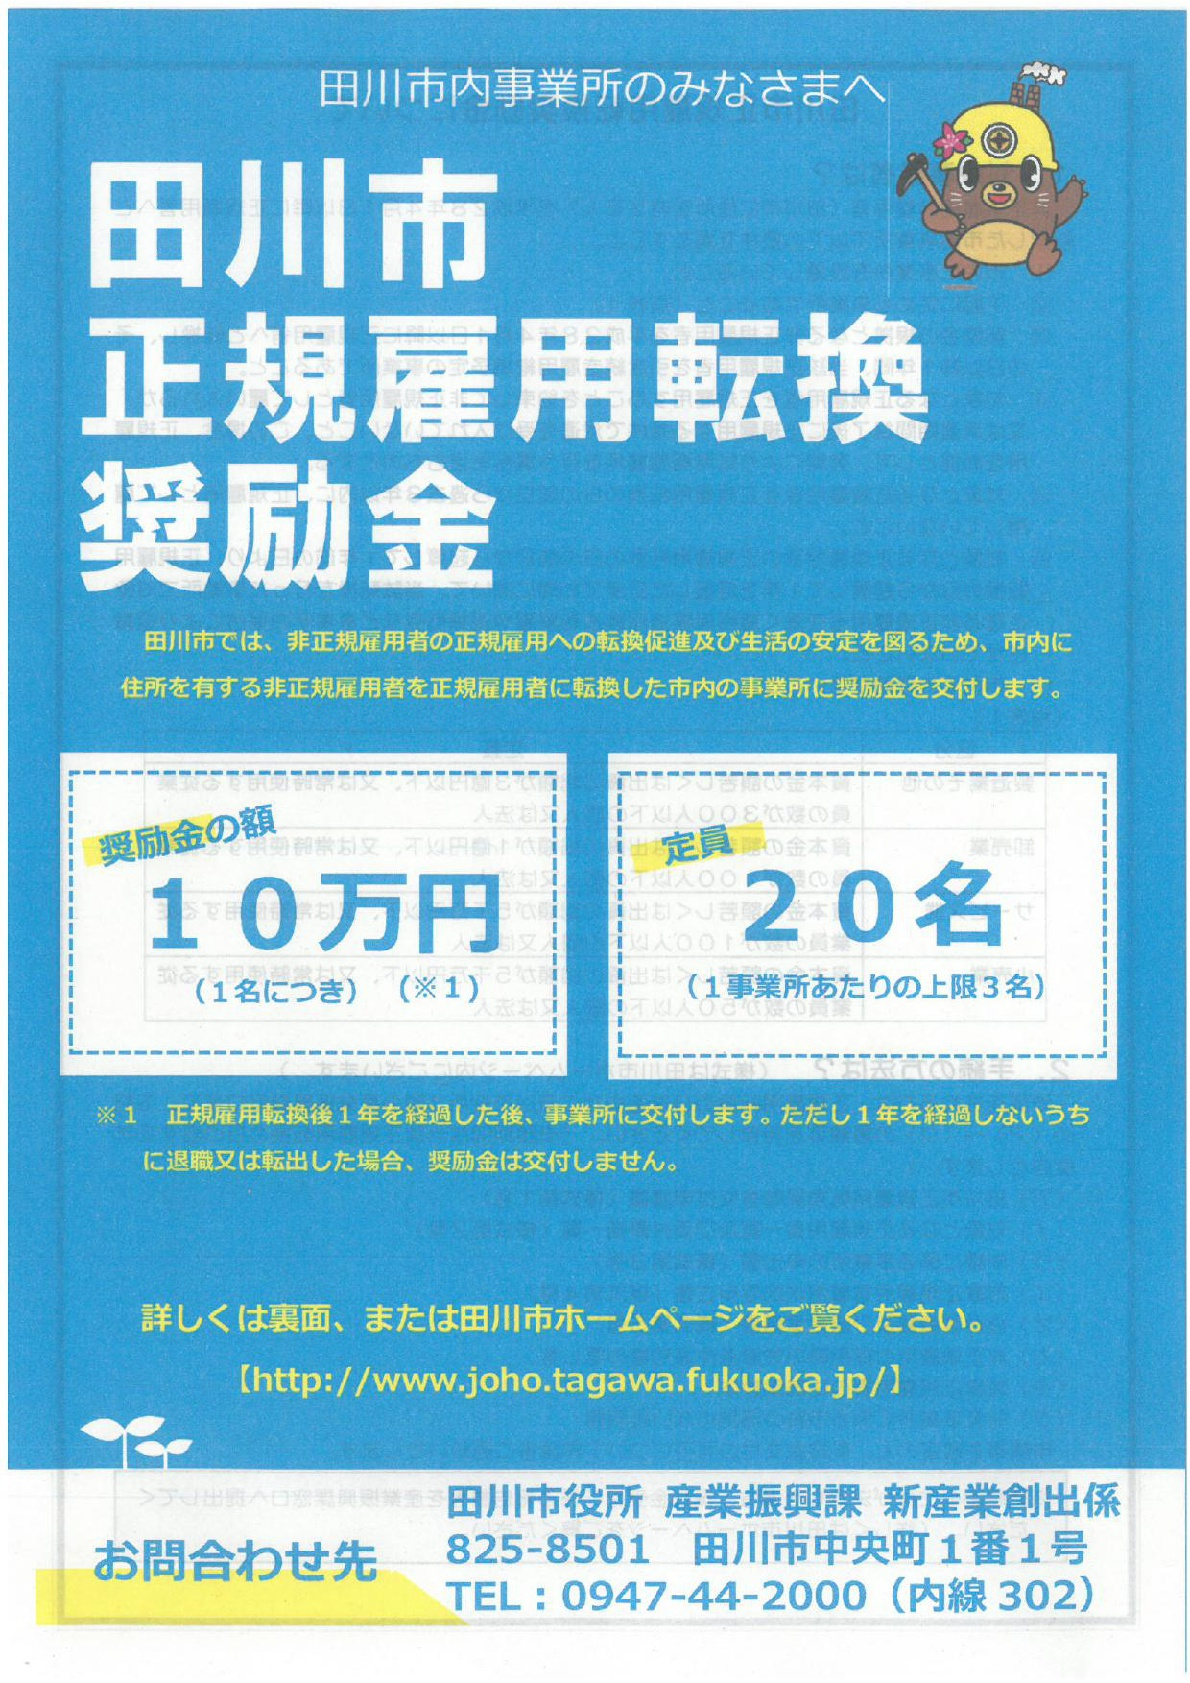 tagawashiseikikoyoutenkanshoureikin2016001